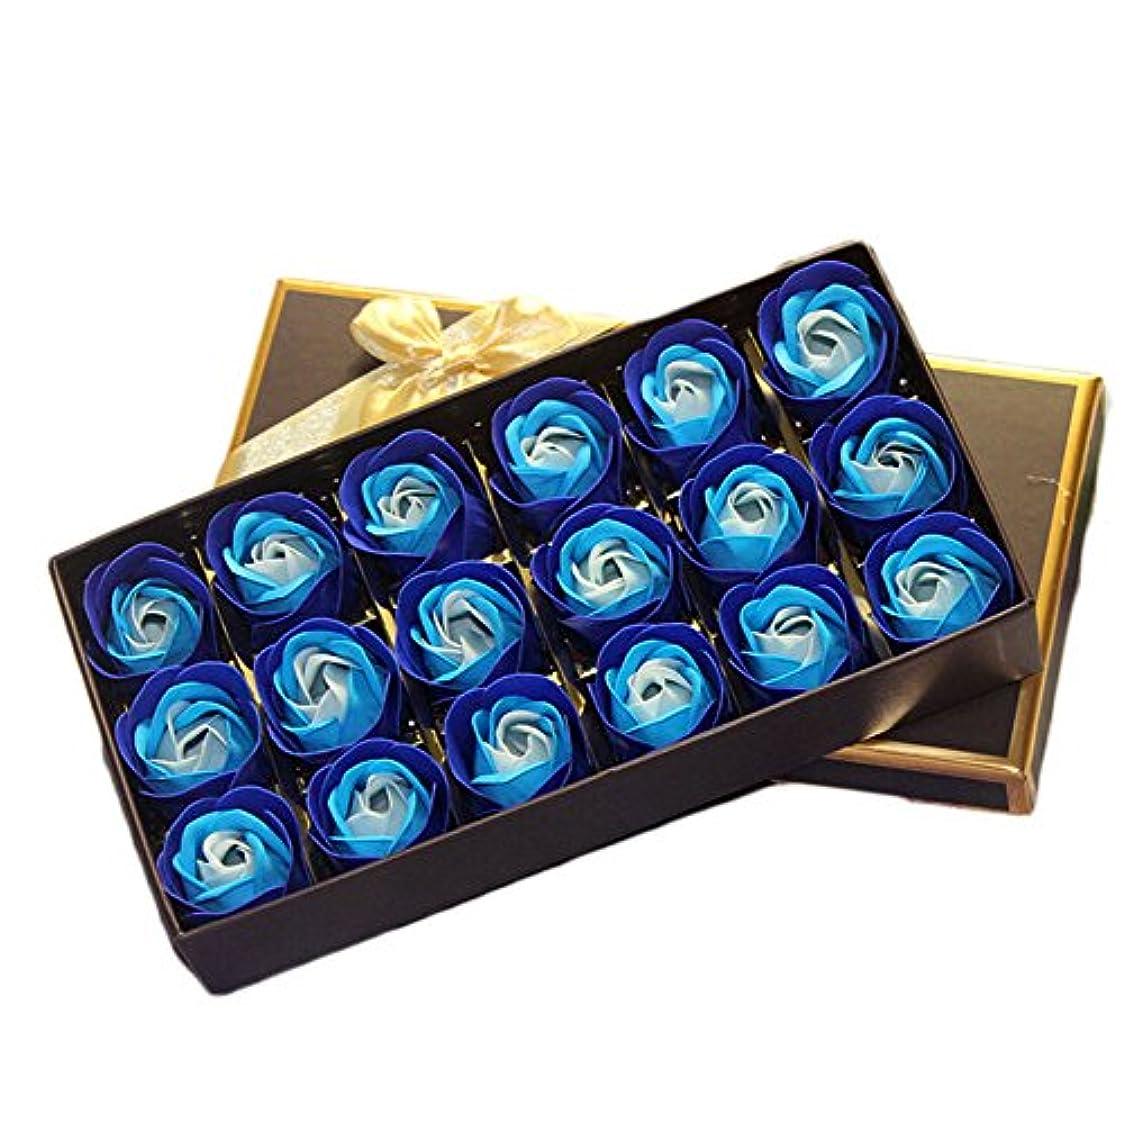 理想的結果高く18個バラ型 フラワーソープ ギフトボックス入り 石鹸 花 バラ セット 手作り 洗う 手 お風呂 香り 贈り物 (青 1)